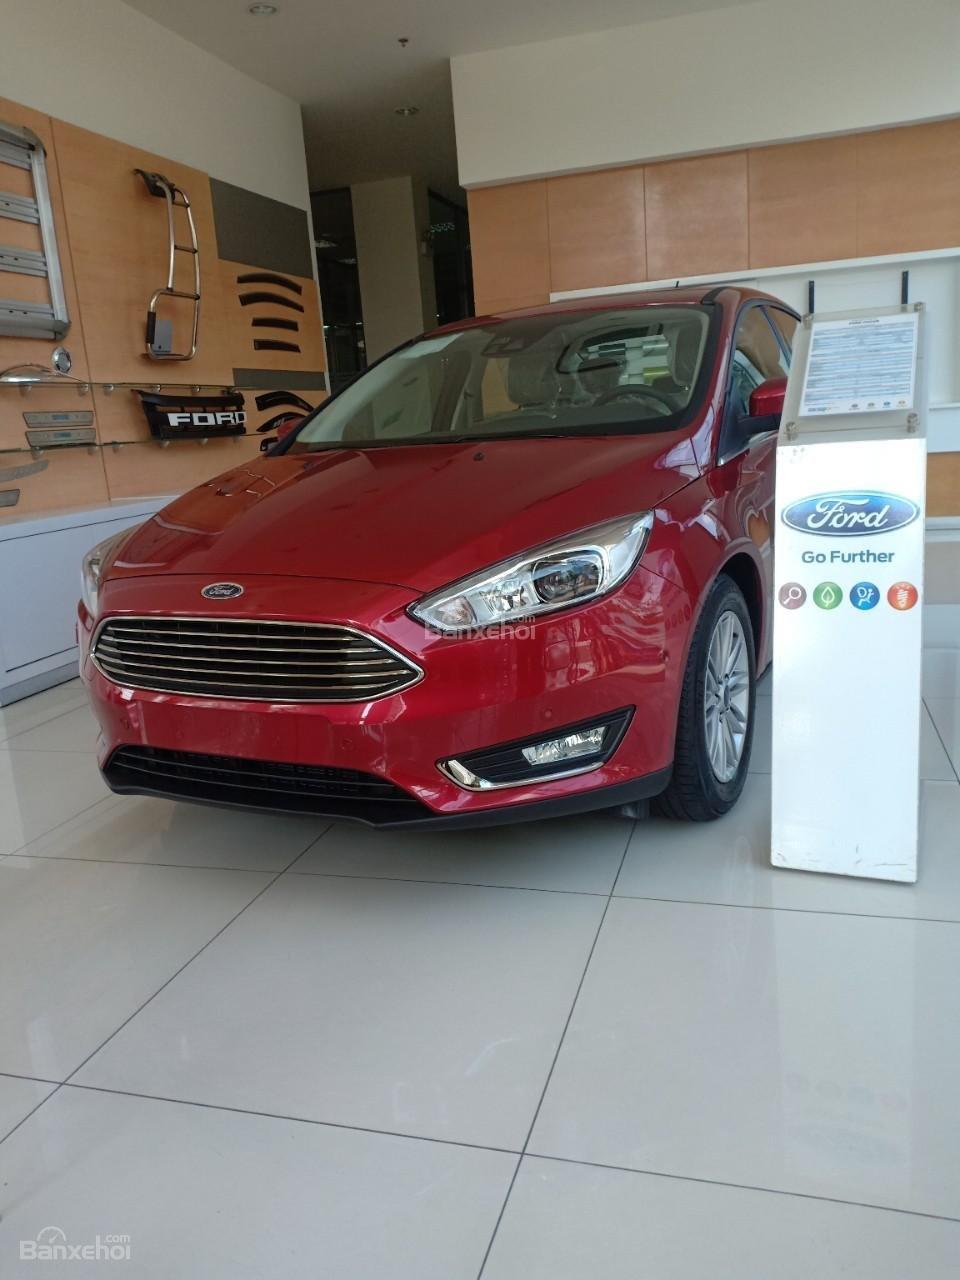 Bán Ford Focus, giá giảm sâu, quà tặng trị giá 113 triệu, liên hệ ngay Xuân Liên 0963 241 349-5